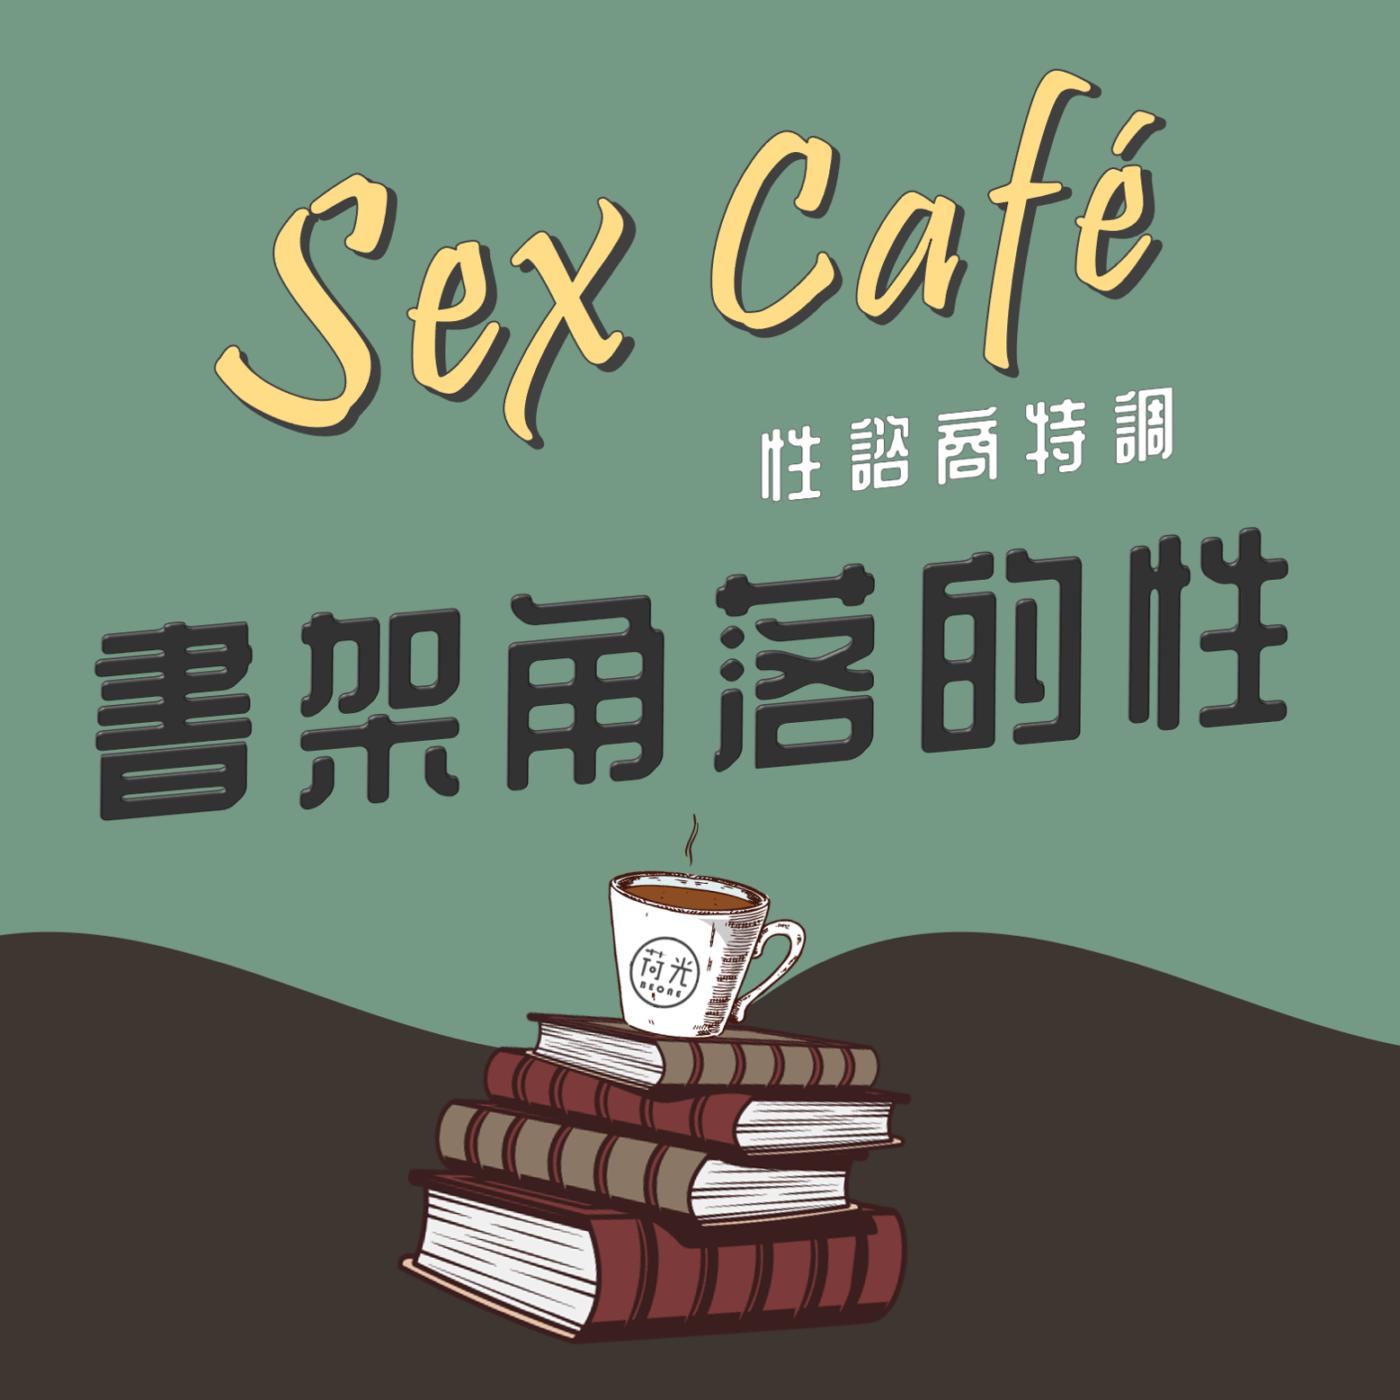 性諮商特調 |Sex Café